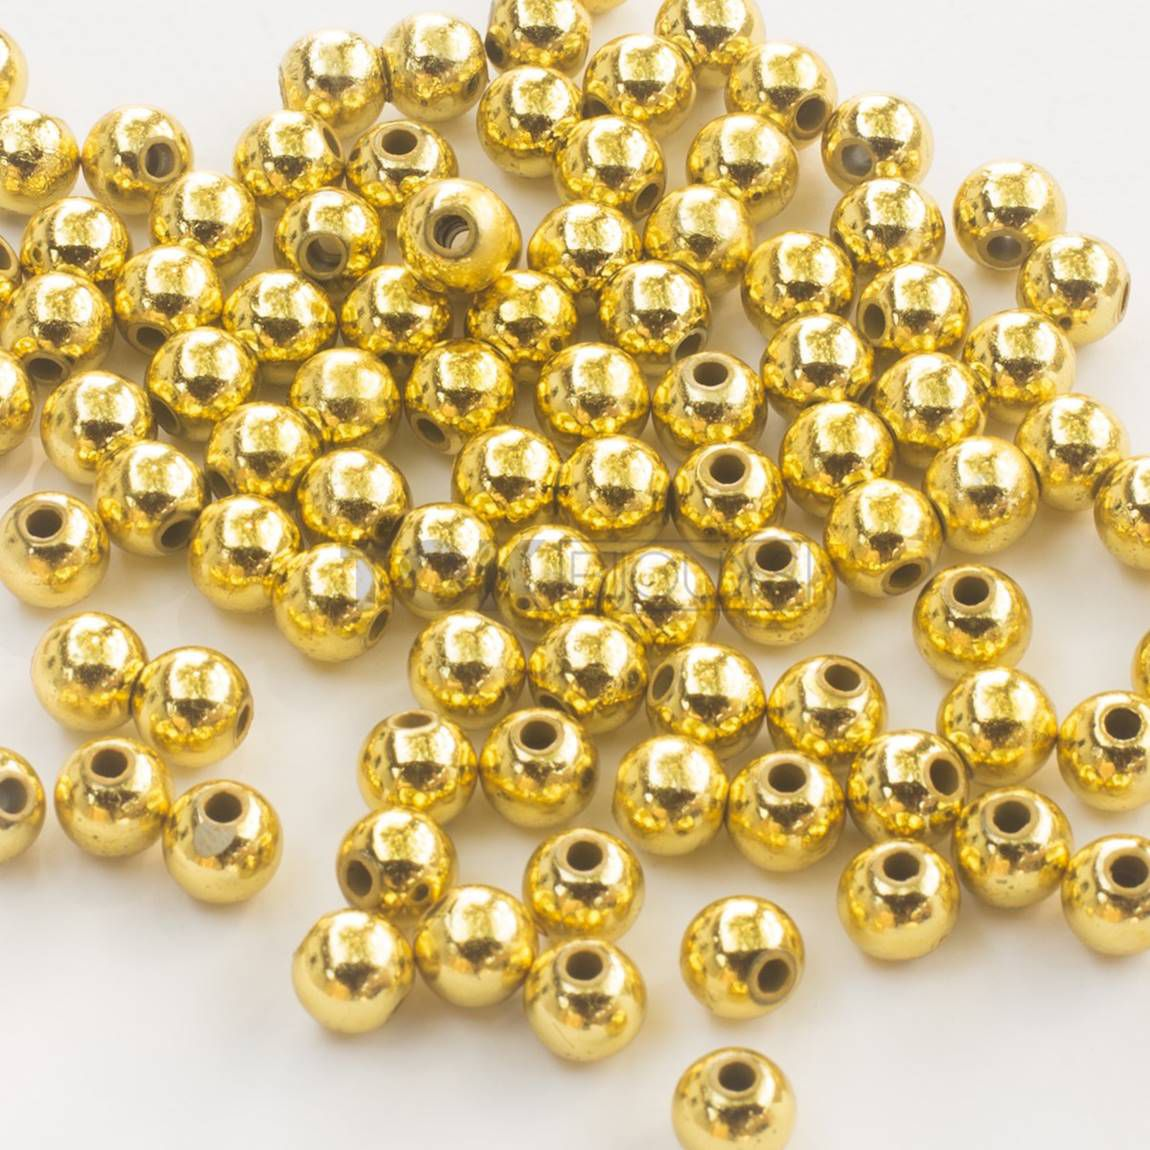 Pérola Redonda Abs 10mm - Dourado - 25g